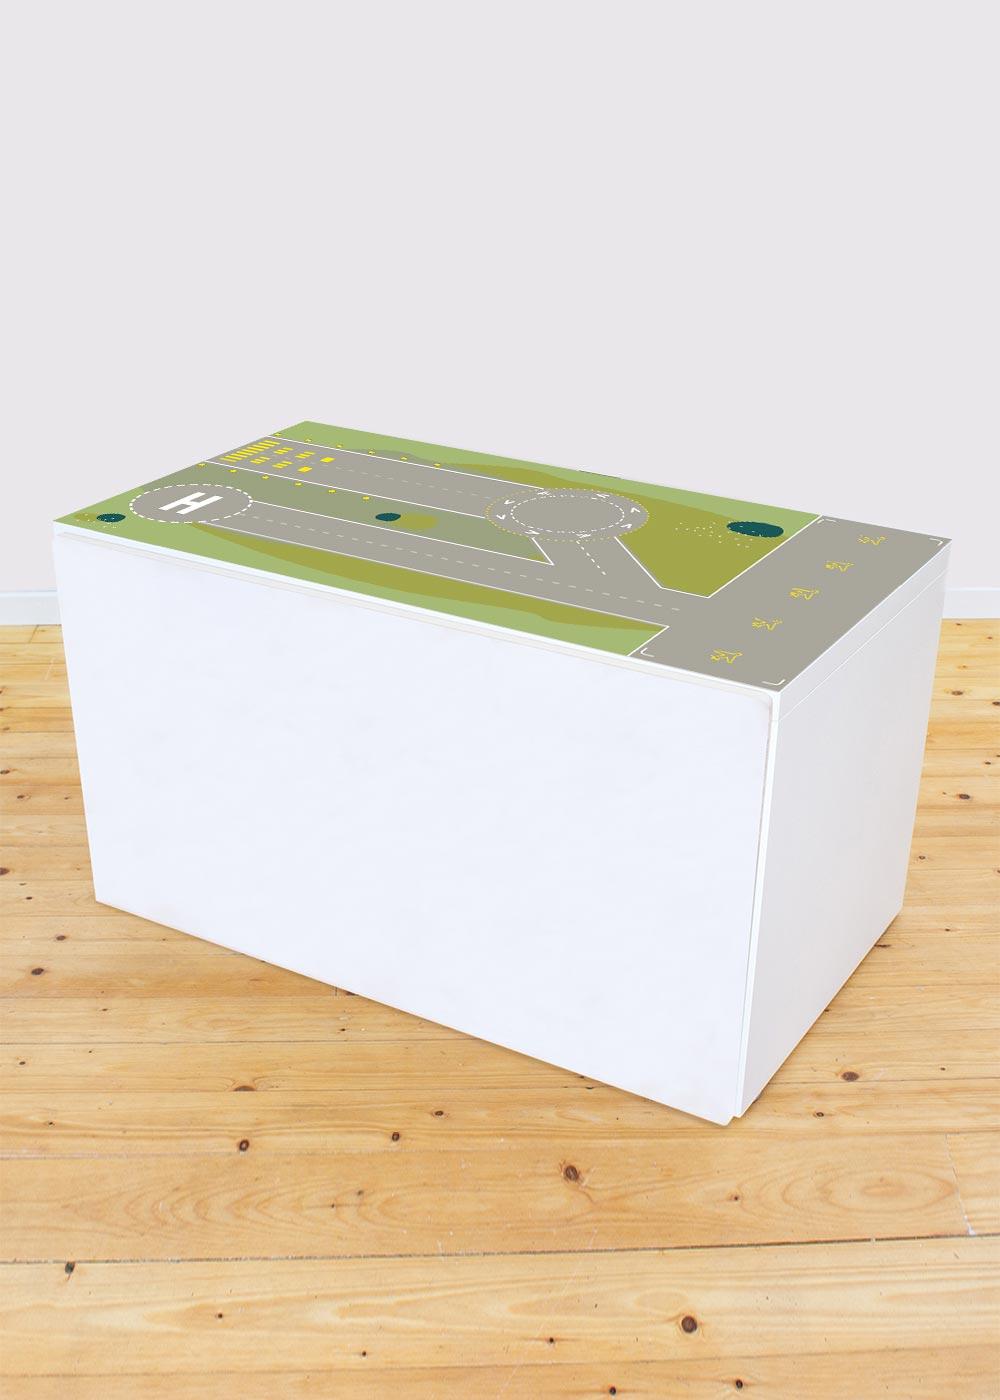 Ikea Smastad Bank Landebahn